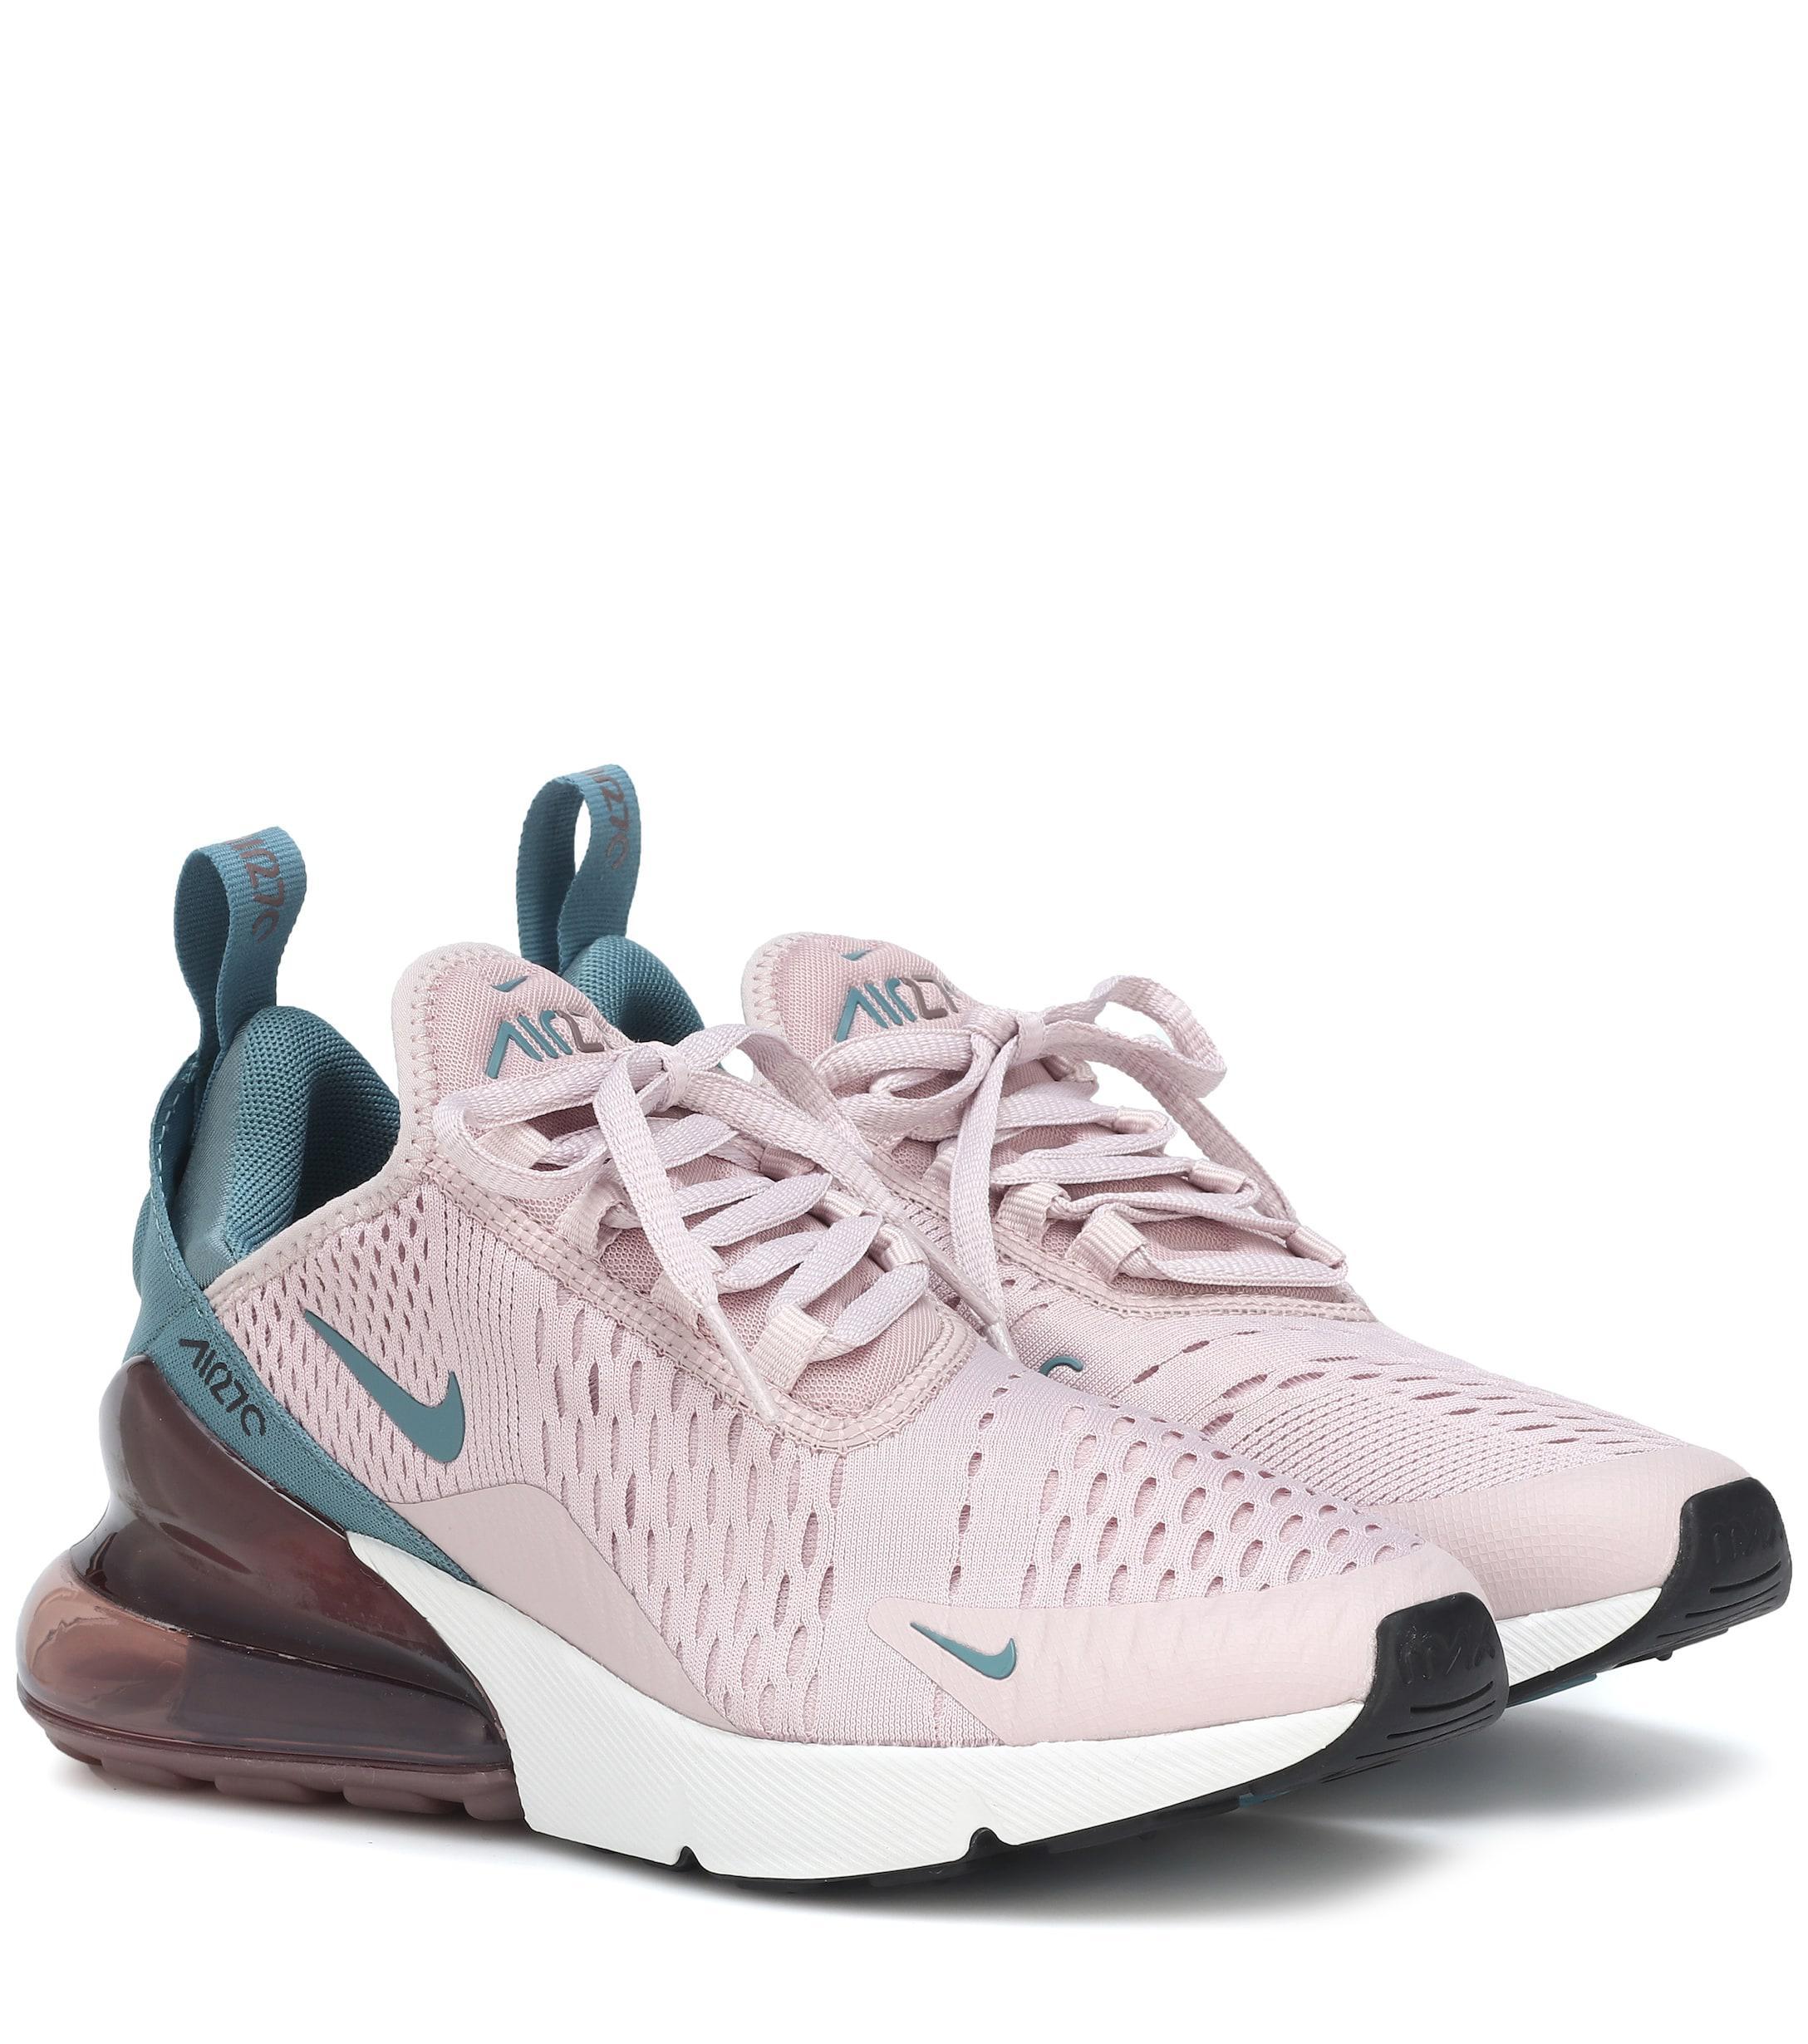 Lyst - Nike Air Max 270 Sneakers afa7169c0